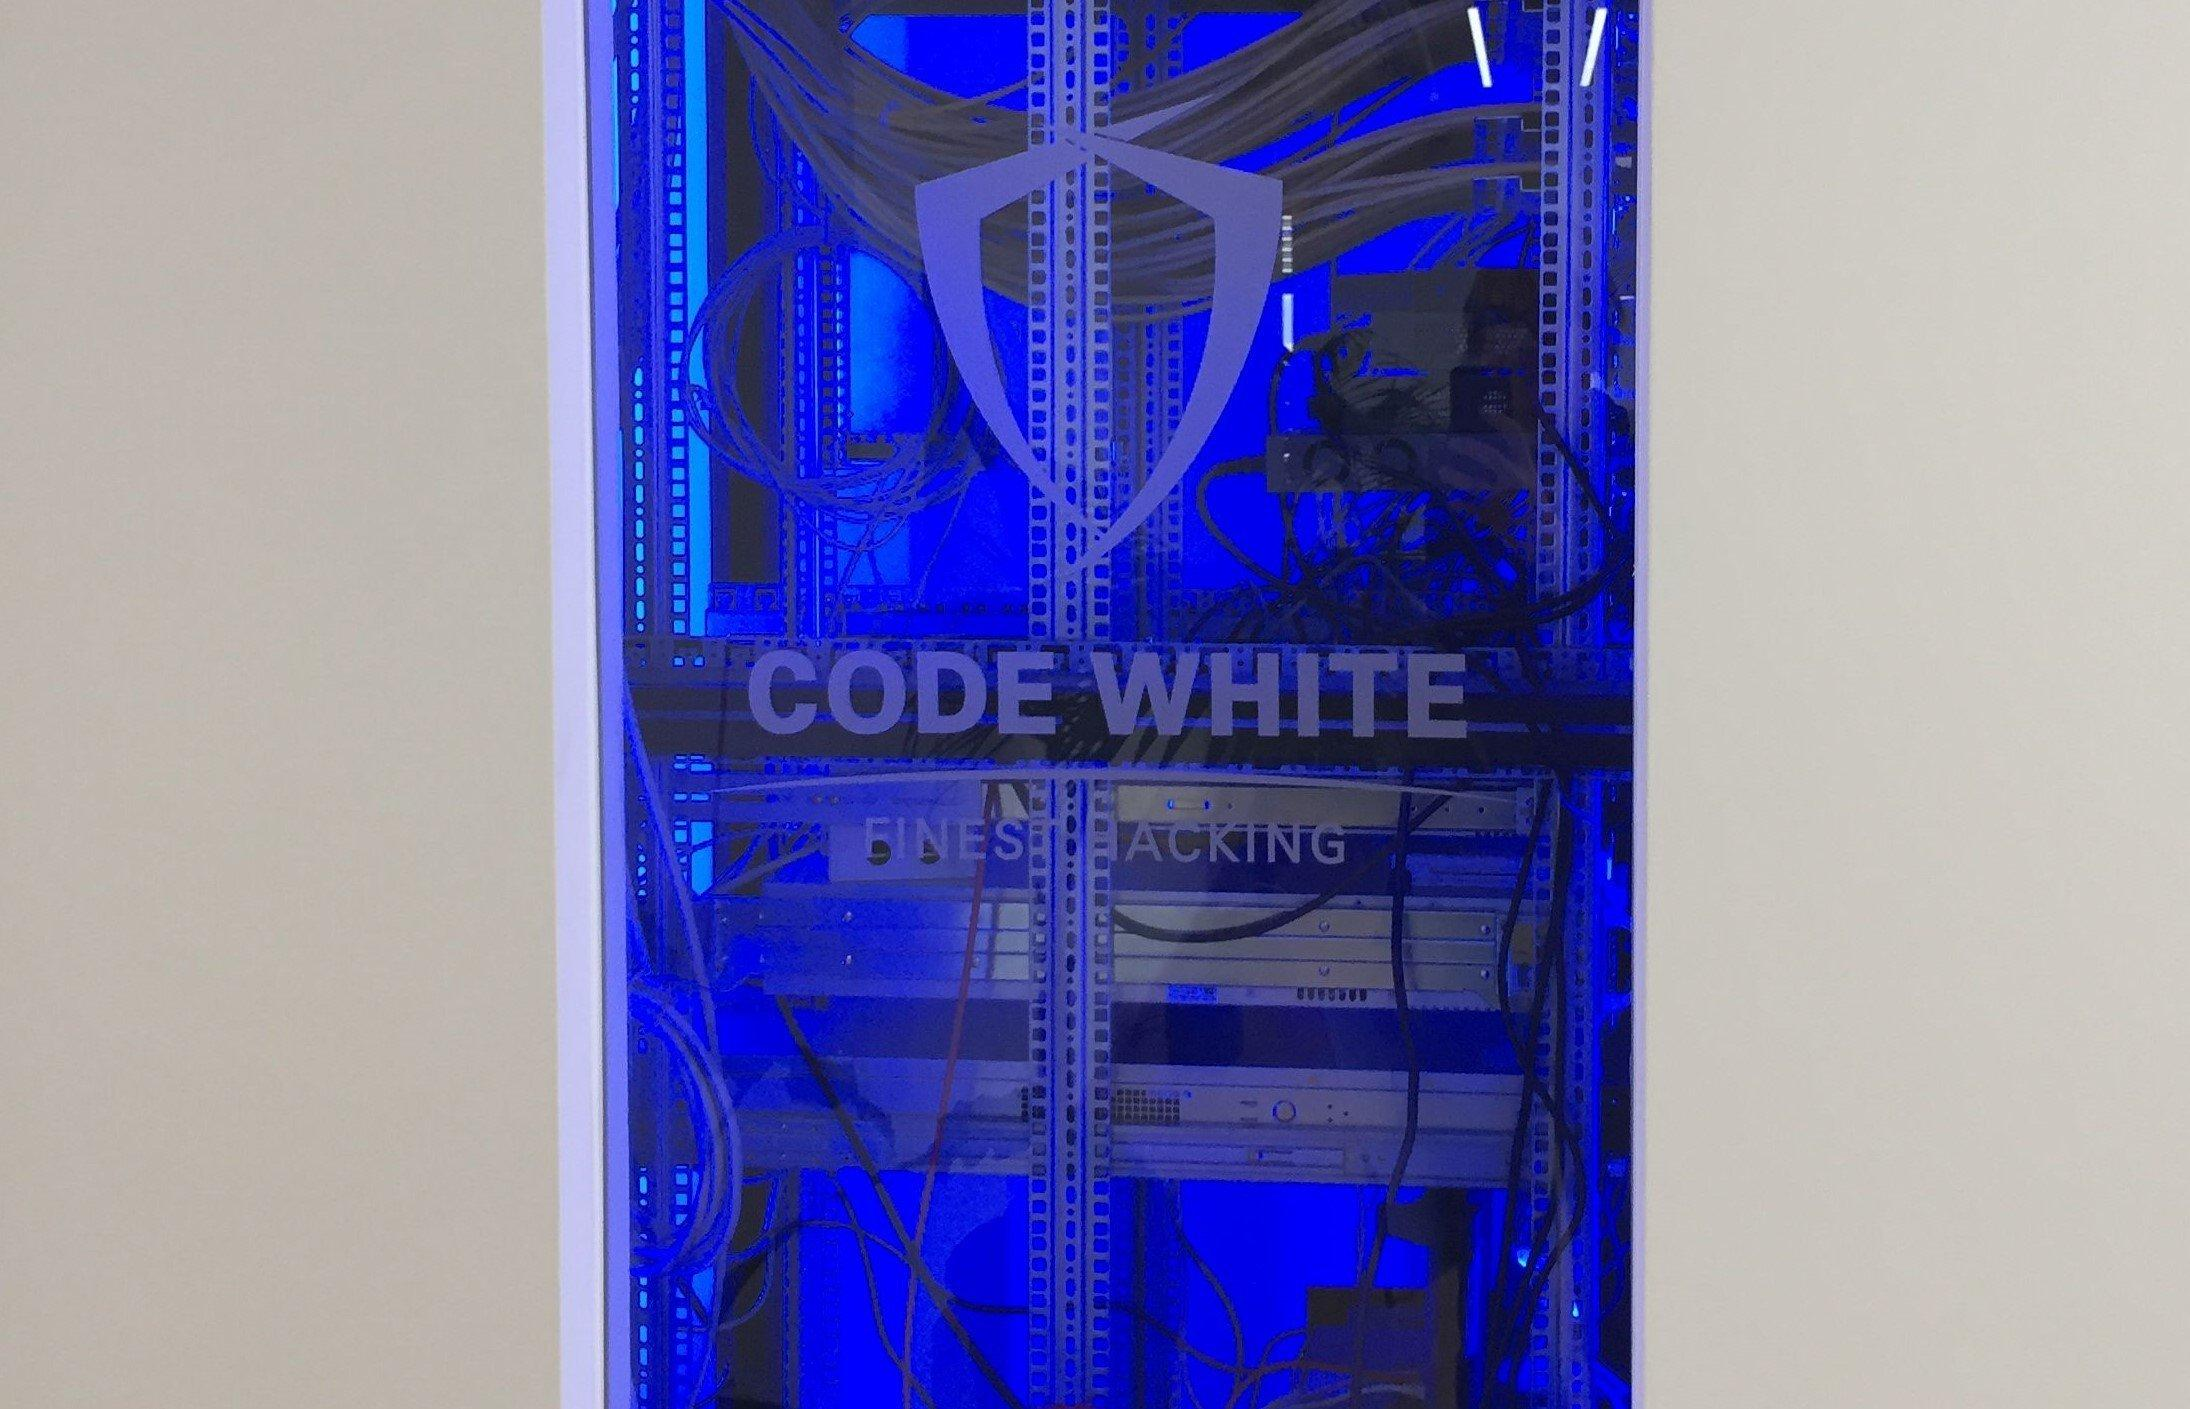 Ein großer Serverschrank, auf dessen Glastür das Firmenlogo eingraviert ist, wurde in eine weiße Wand eingelassen. Das Innere des Schrankes ist komplett in kaltes blaues Licht getaucht. In ihm befindet sich, umgeben von einer Menge Kabel, ein wuchtiger Hochleistungscomputer in einem unspektakulären Metallgehäuse.